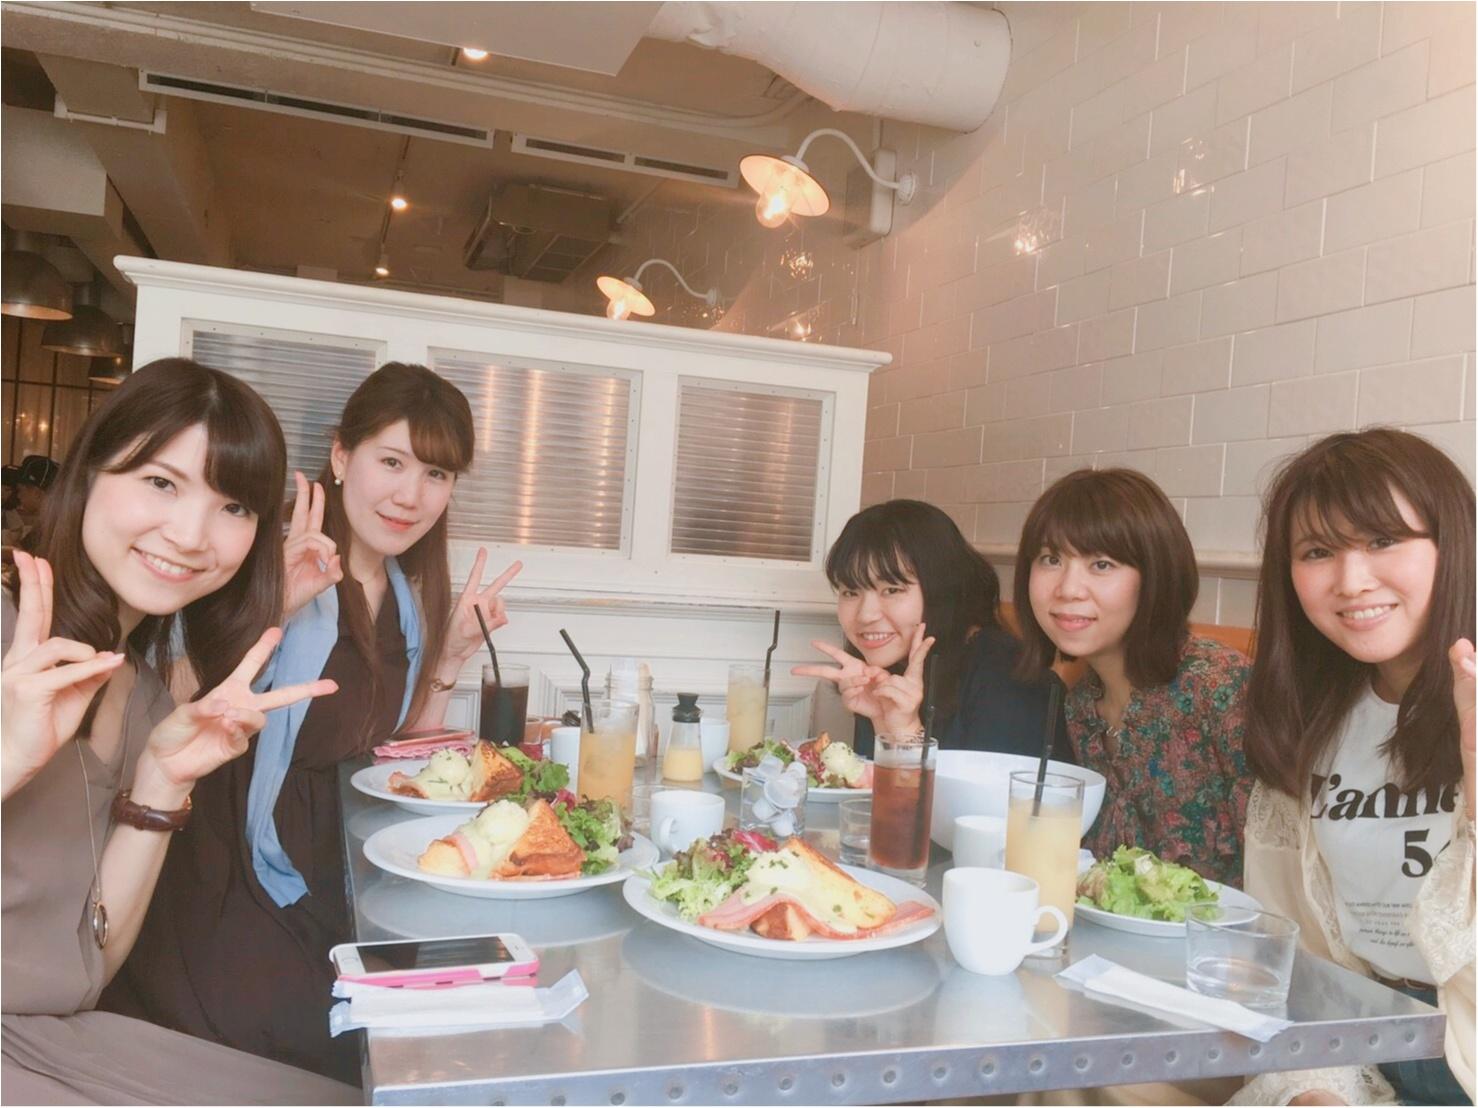 ここはホテル?のようなおしゃれなレストラン『HOTEL EMANON』でモアハピ女子会!!_8